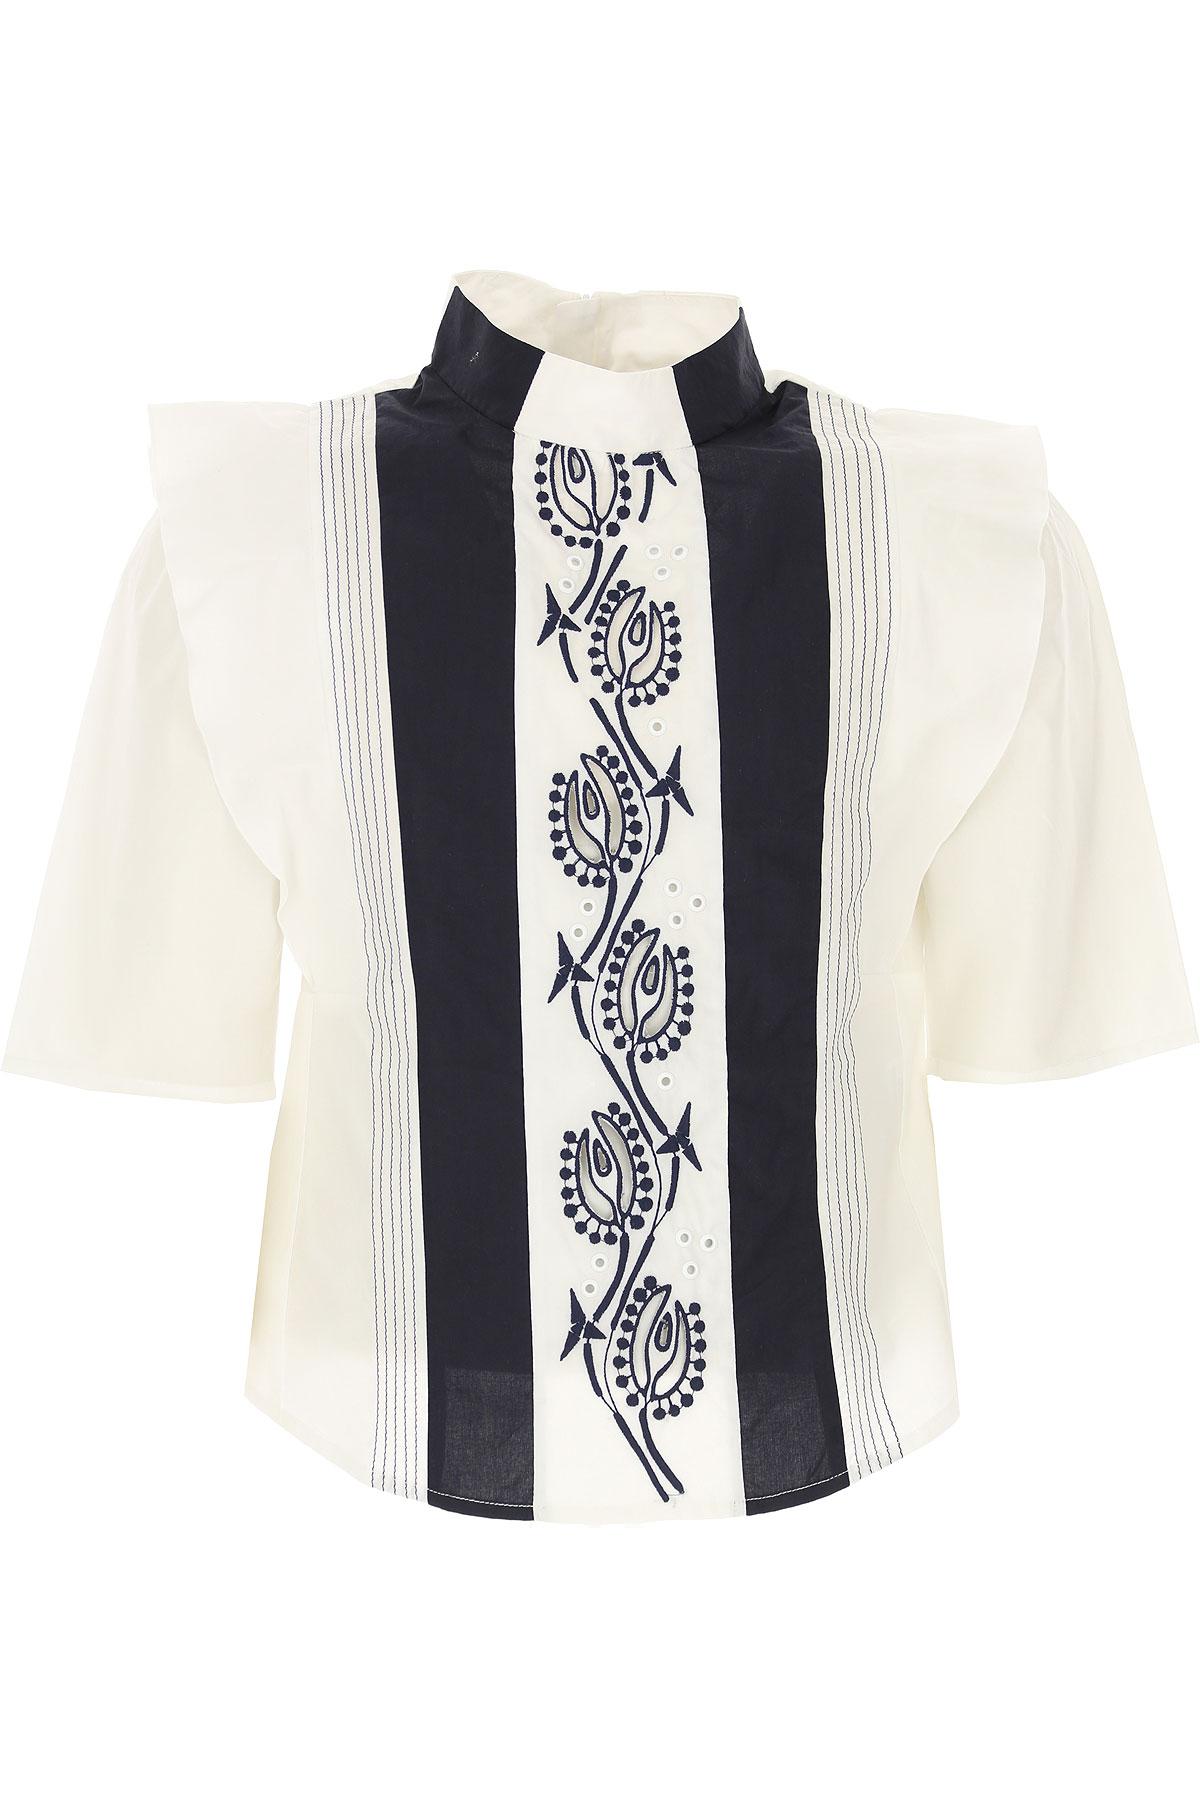 Chloé Chemises Enfant pour Fille, Blanc, Coton, 2017, 10Y 12Y 14Y 4Y 6Y 8Y